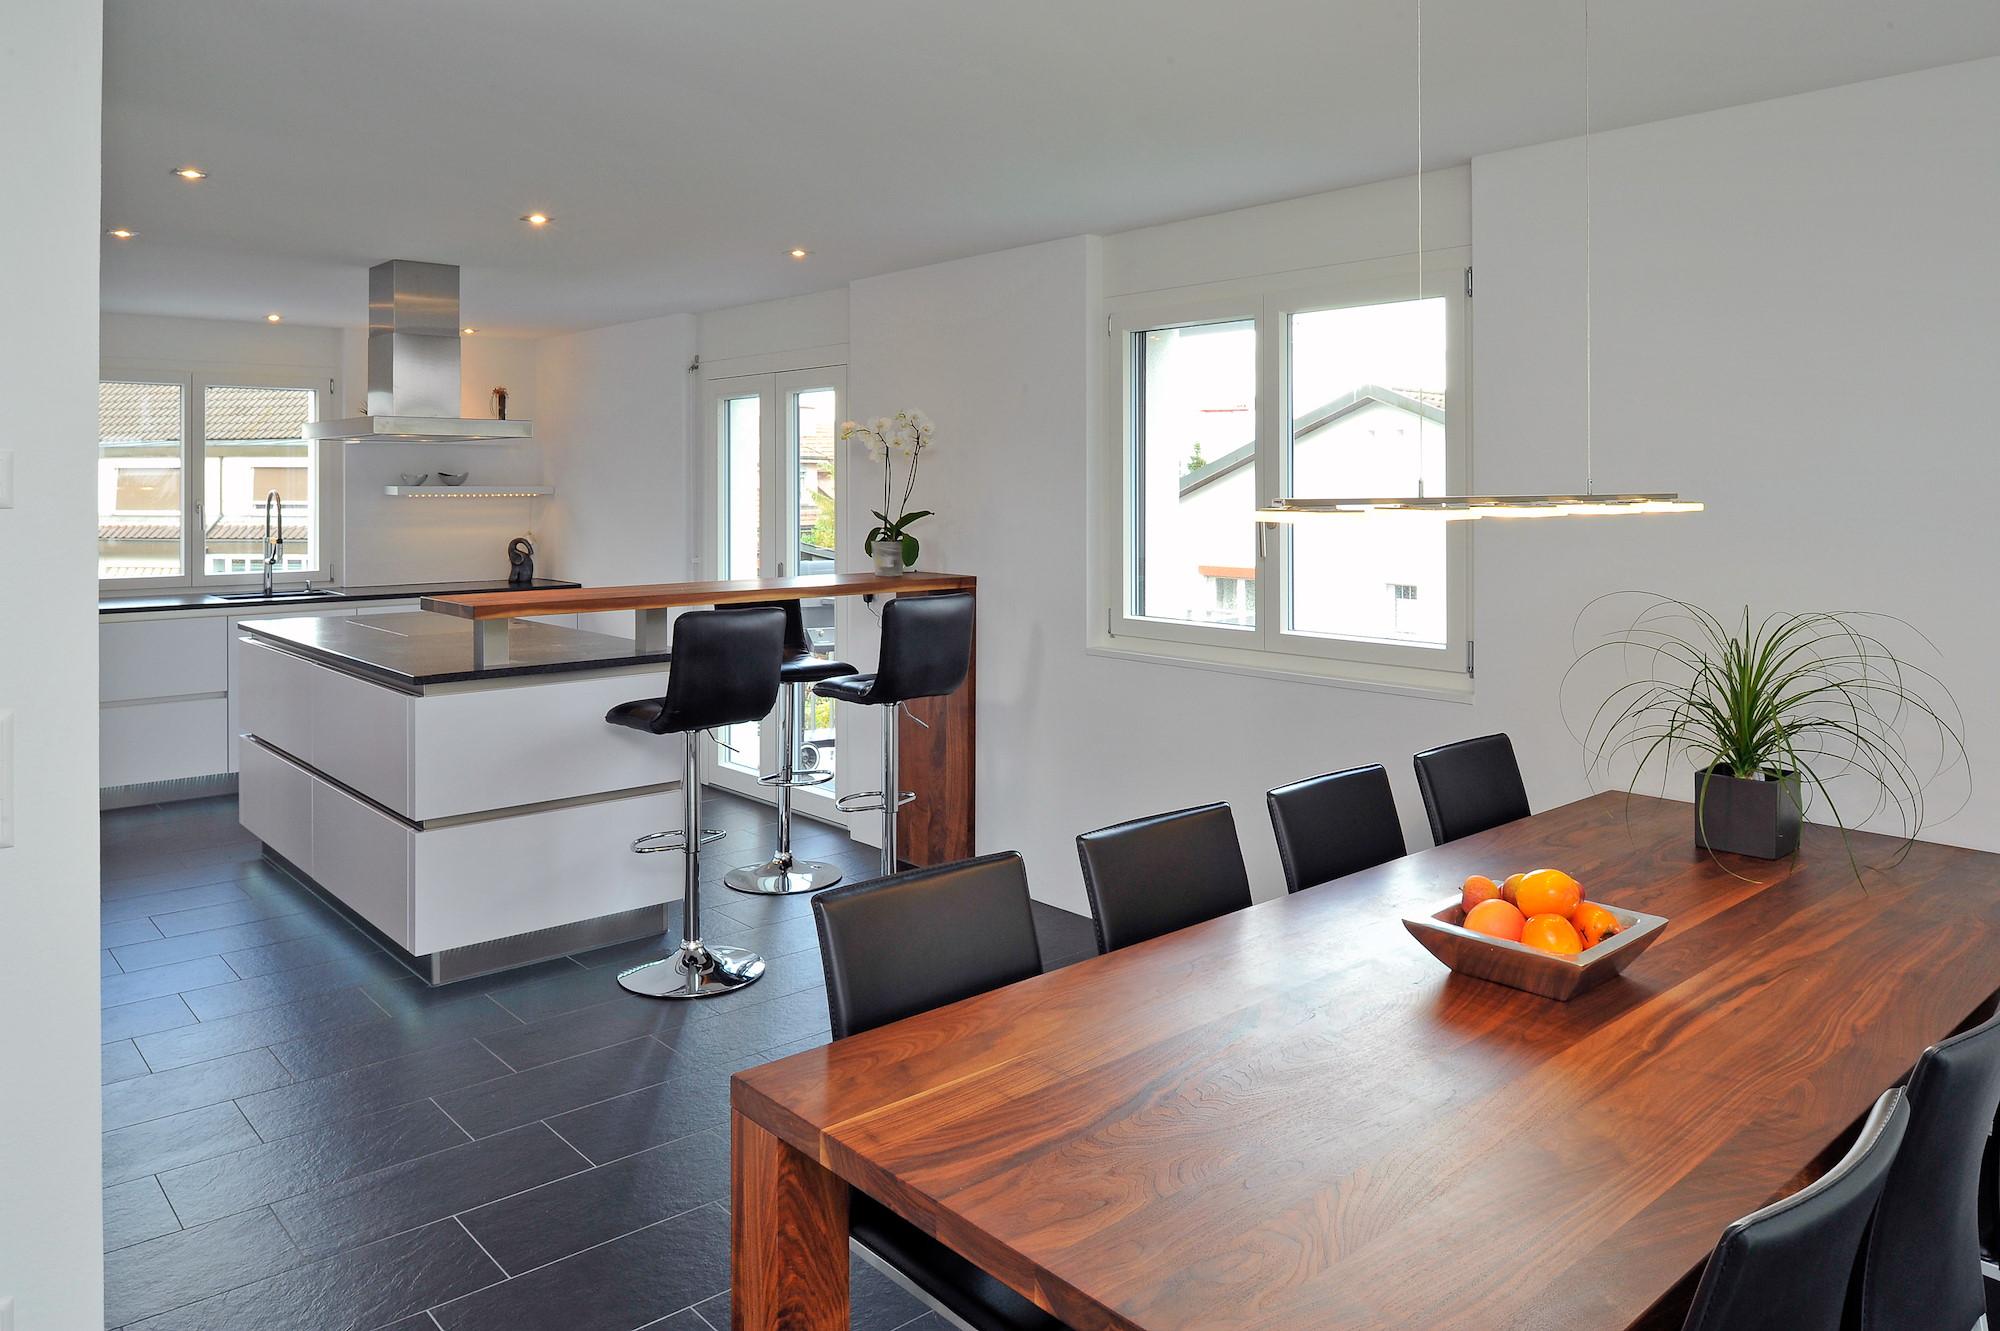 Umbau Altes Haus umbau zürich aufstockung einfamilienhaus rickenbach